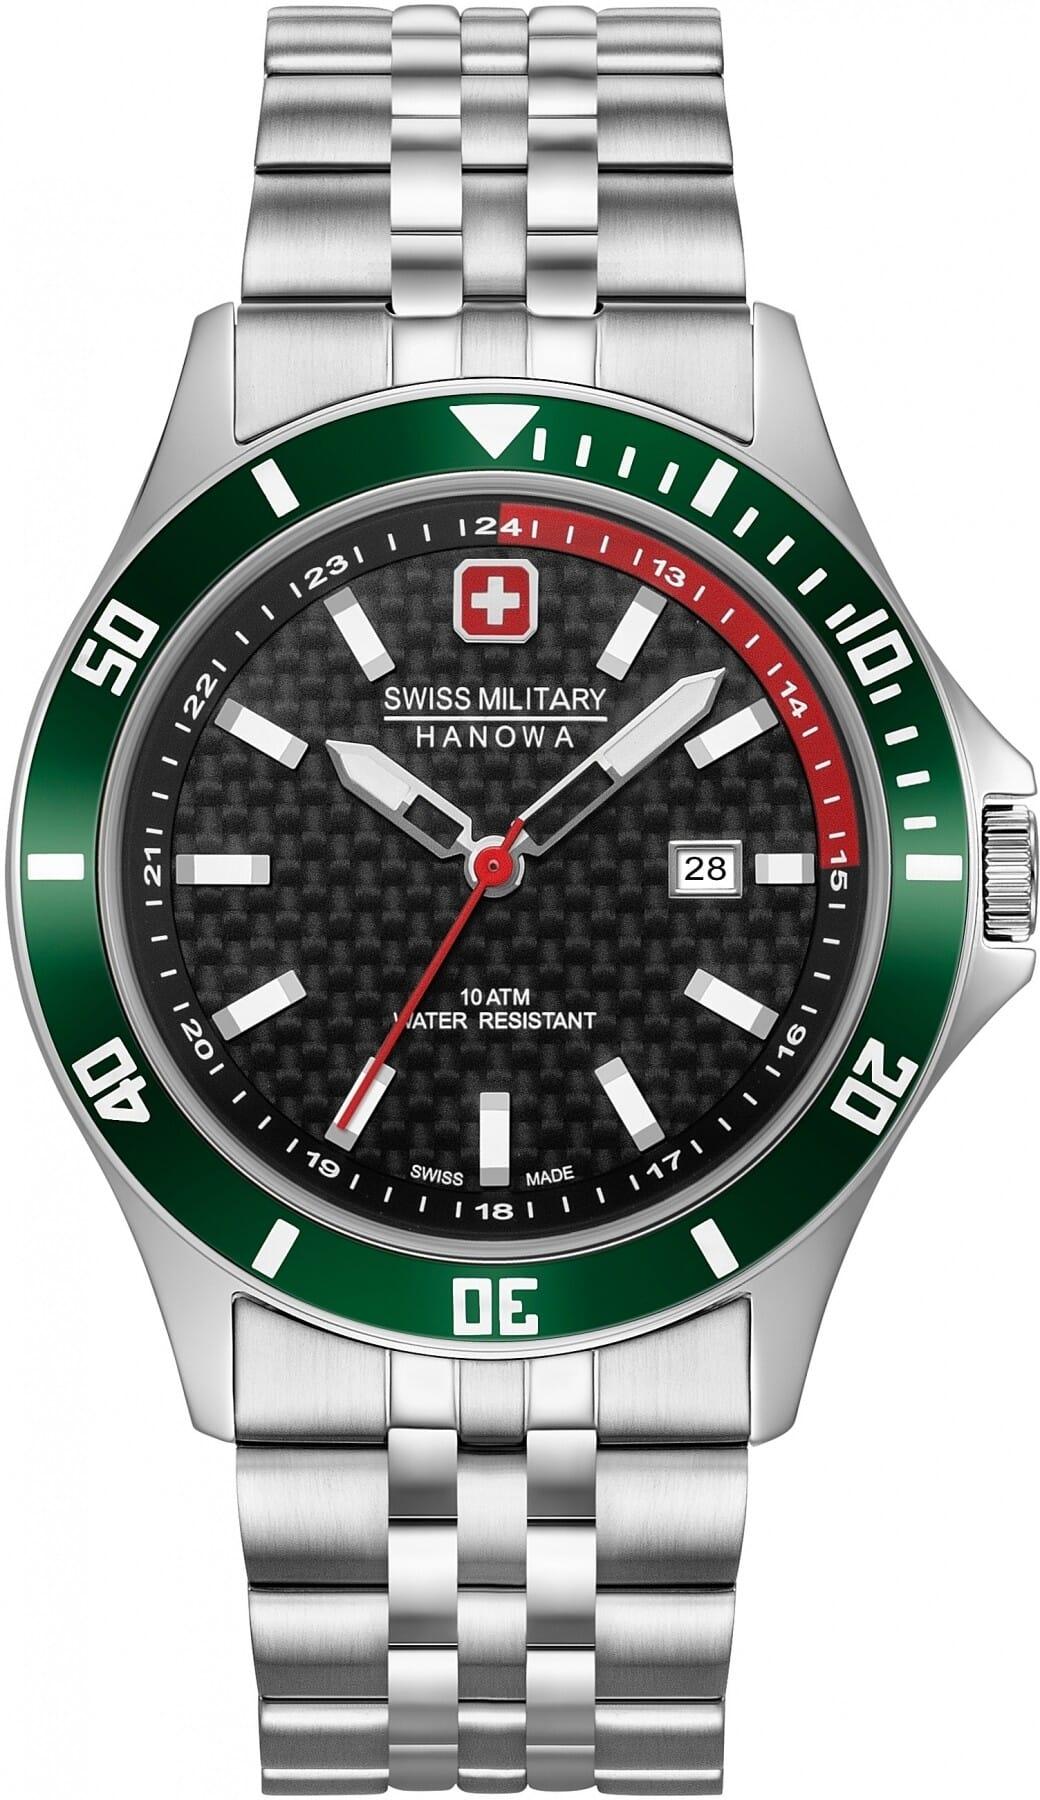 Swiss Military Hanowa 06-5161.2.04.007.06